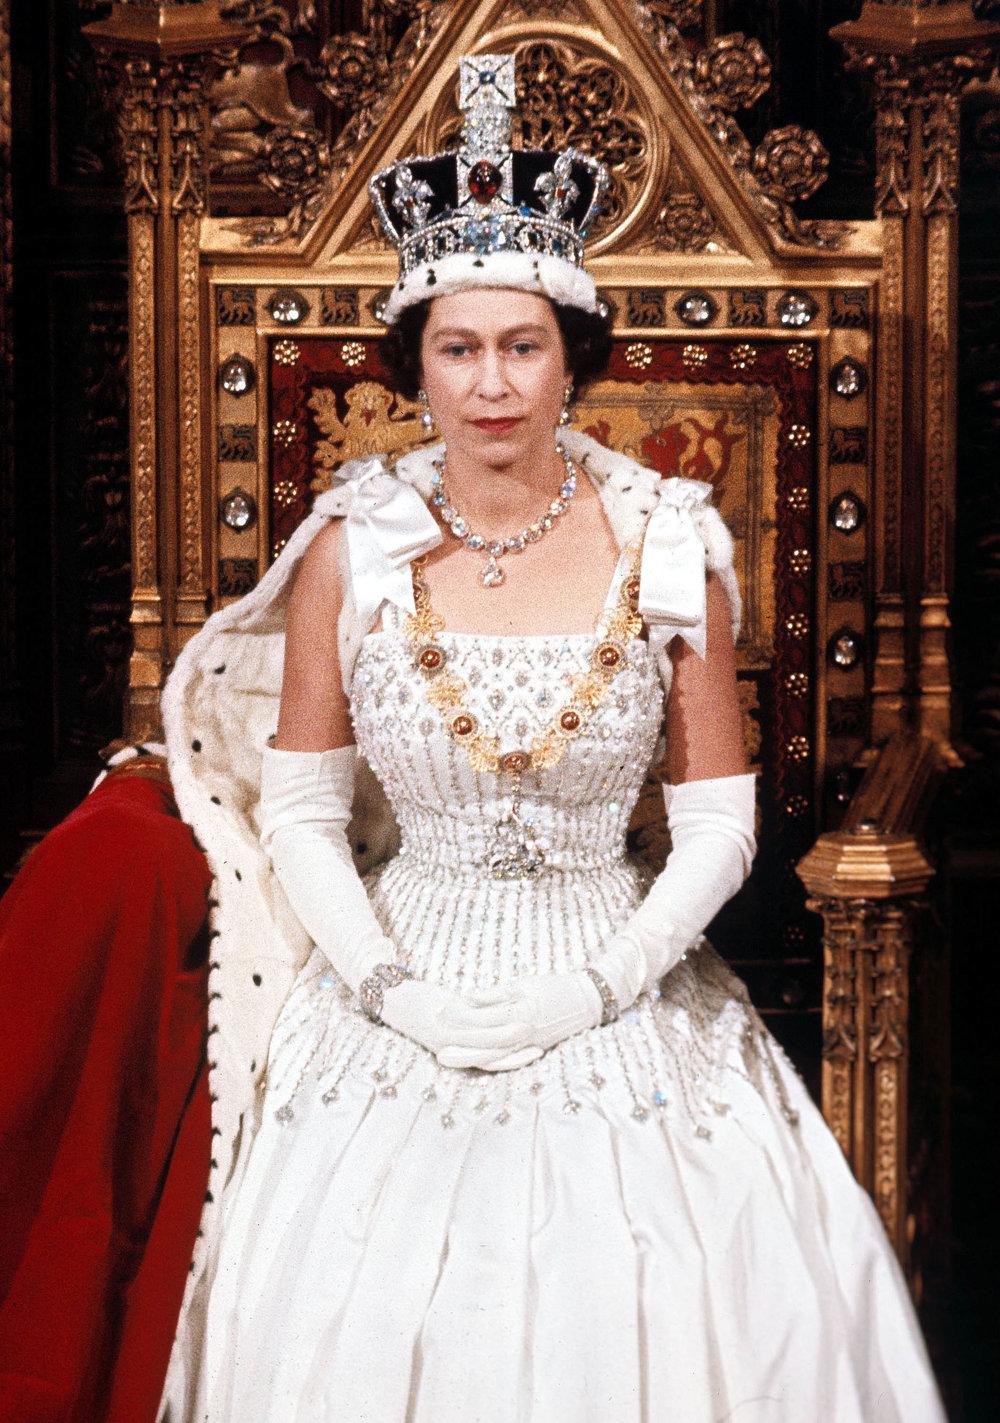 V kráľovskej korune je vsadený aj slávny diamant Koh - i - noor. Korunovačné klenoty však na výstave nebudú.